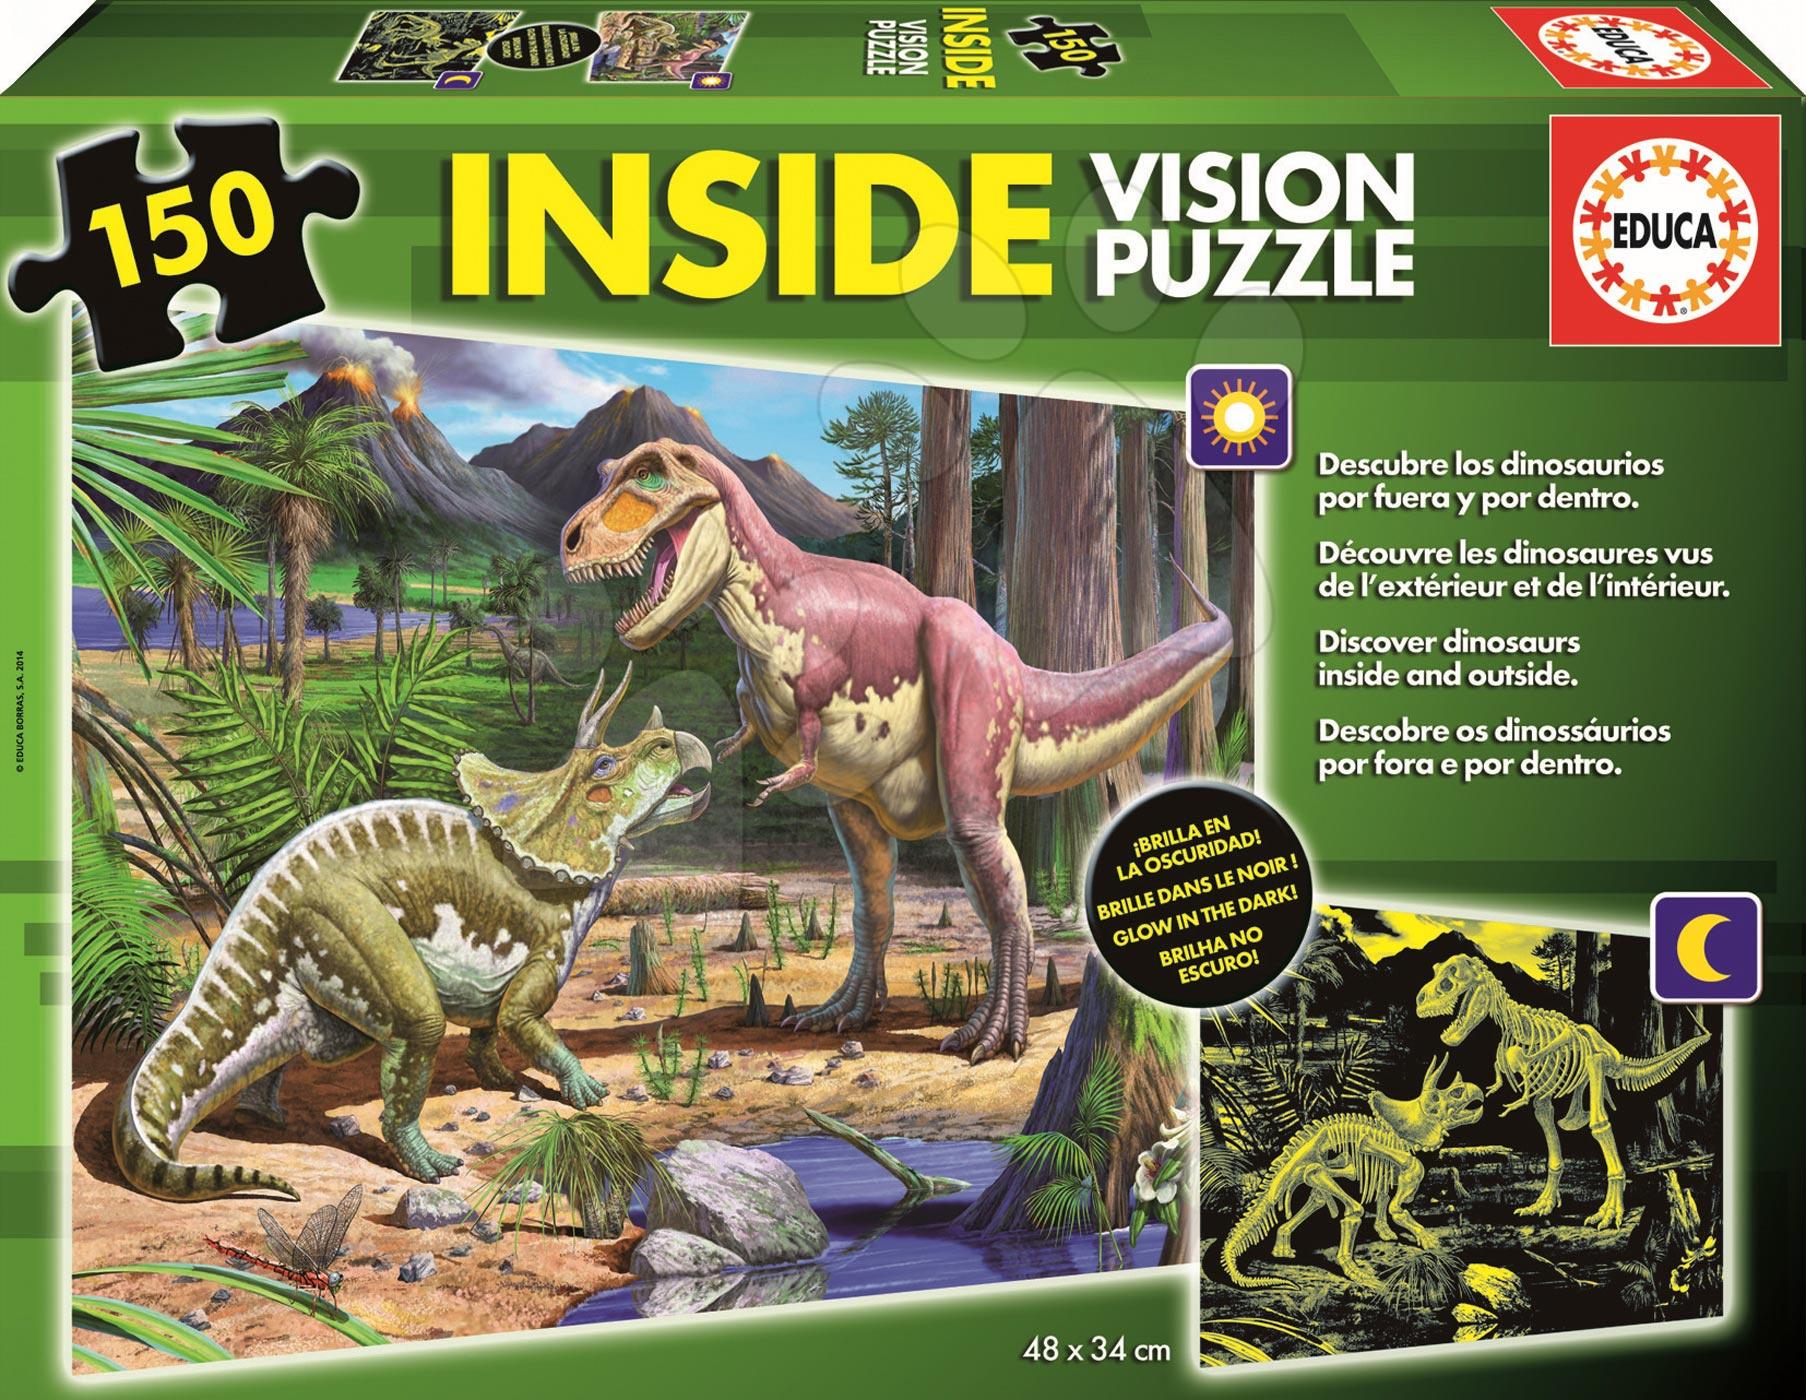 Detské puzzle od 100-300 dielov - Puzzle Dinosaury Educa fosforeskujúce 150 dielov od 6 rokov